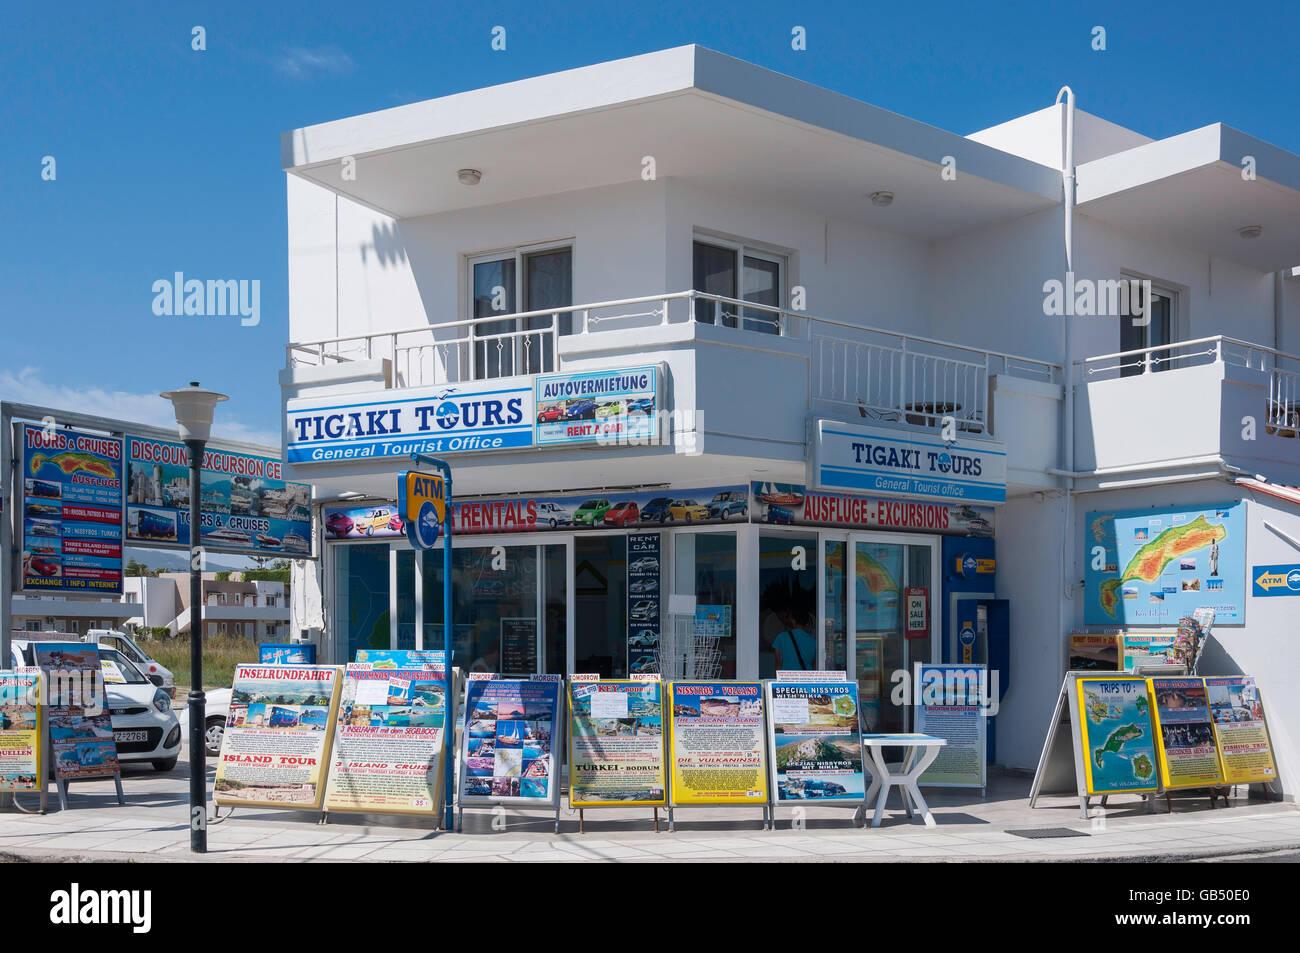 Tigaki Tours Reisebüro, Tigaki, Griechenland Kos (Cos), die Dodekanes, ägäische Region Süd Stockbild